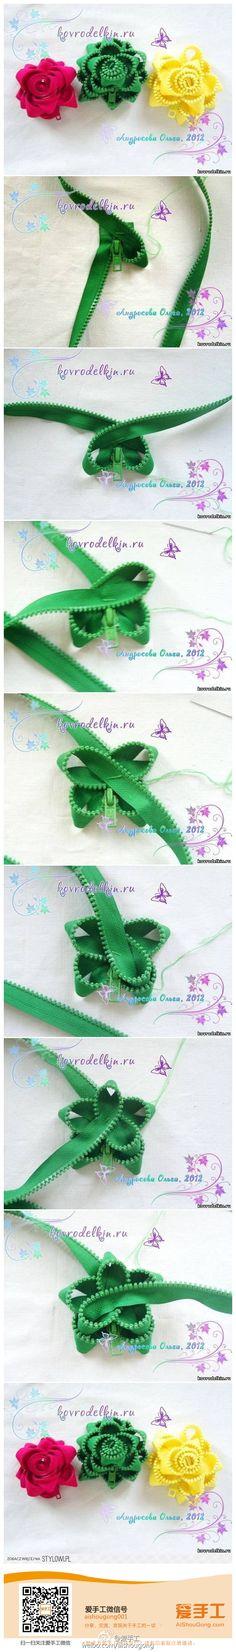 Repurpose for old zipper